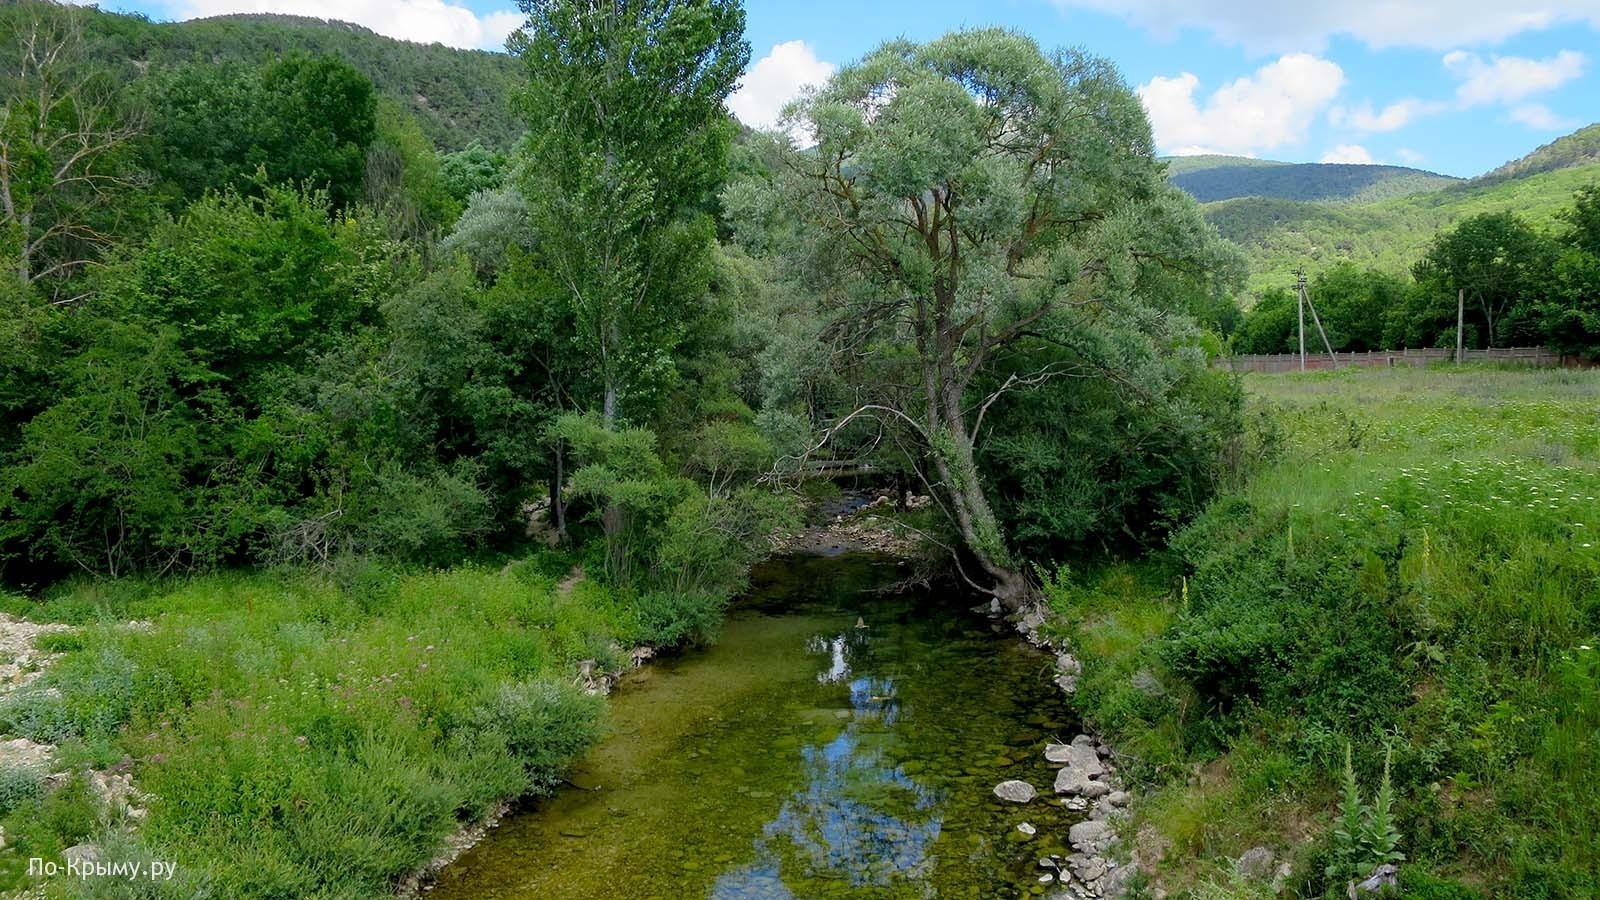 Севастополь, Байдарская долина, река Узунджа